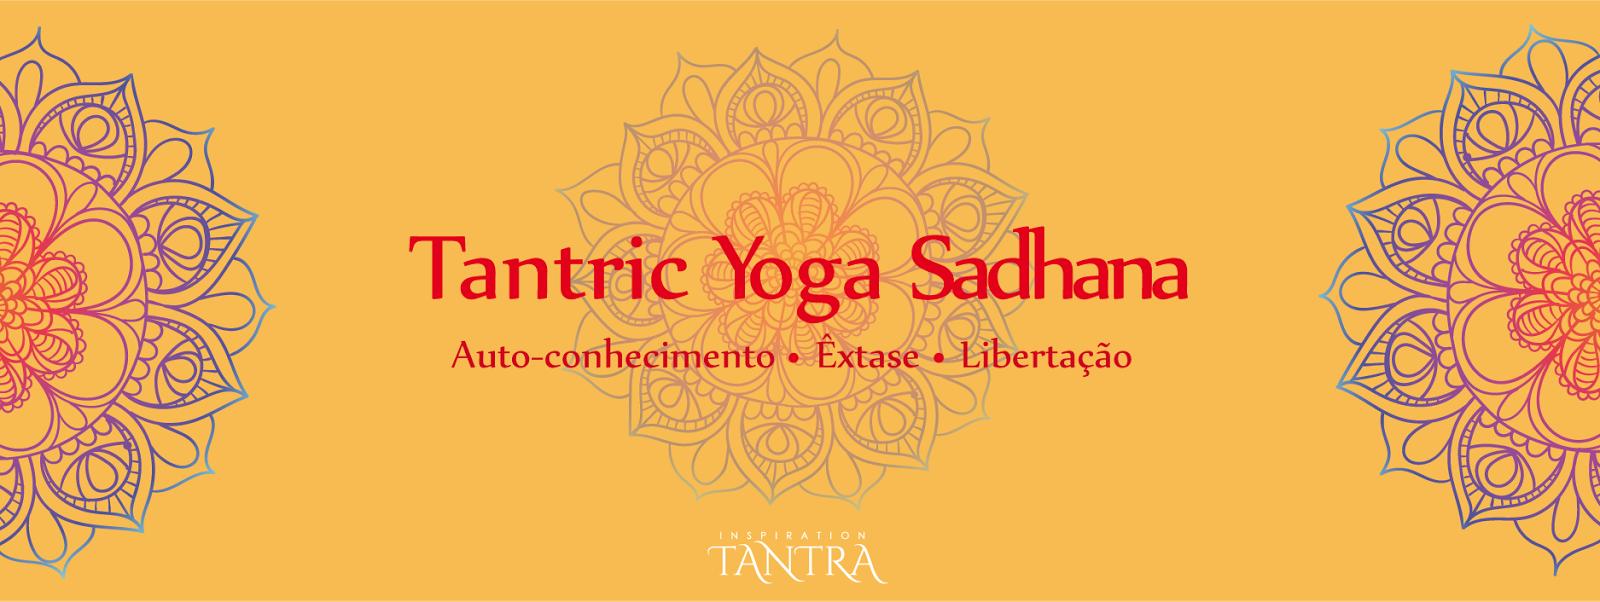 Para além daquilo que se mostra no 'pop-yoga' e no 'pop-tantra' há muita para conhecer: